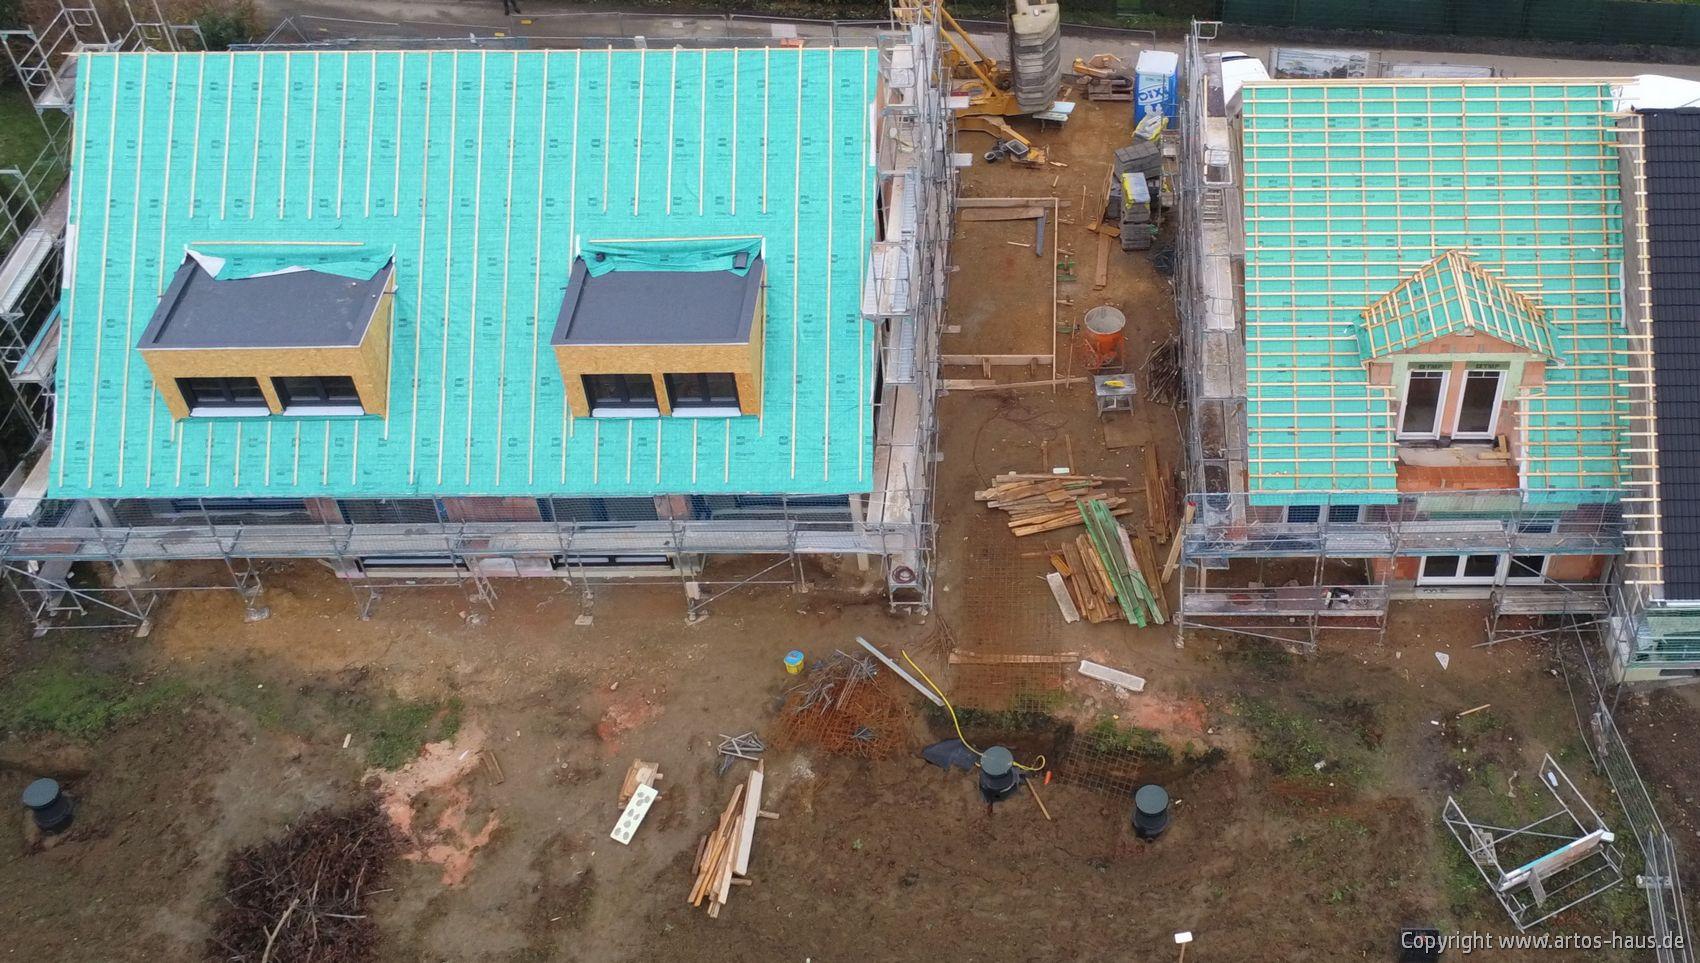 Luftbild der ARTOS-HAUS Baustelle in Hürth im Dezember 2020.